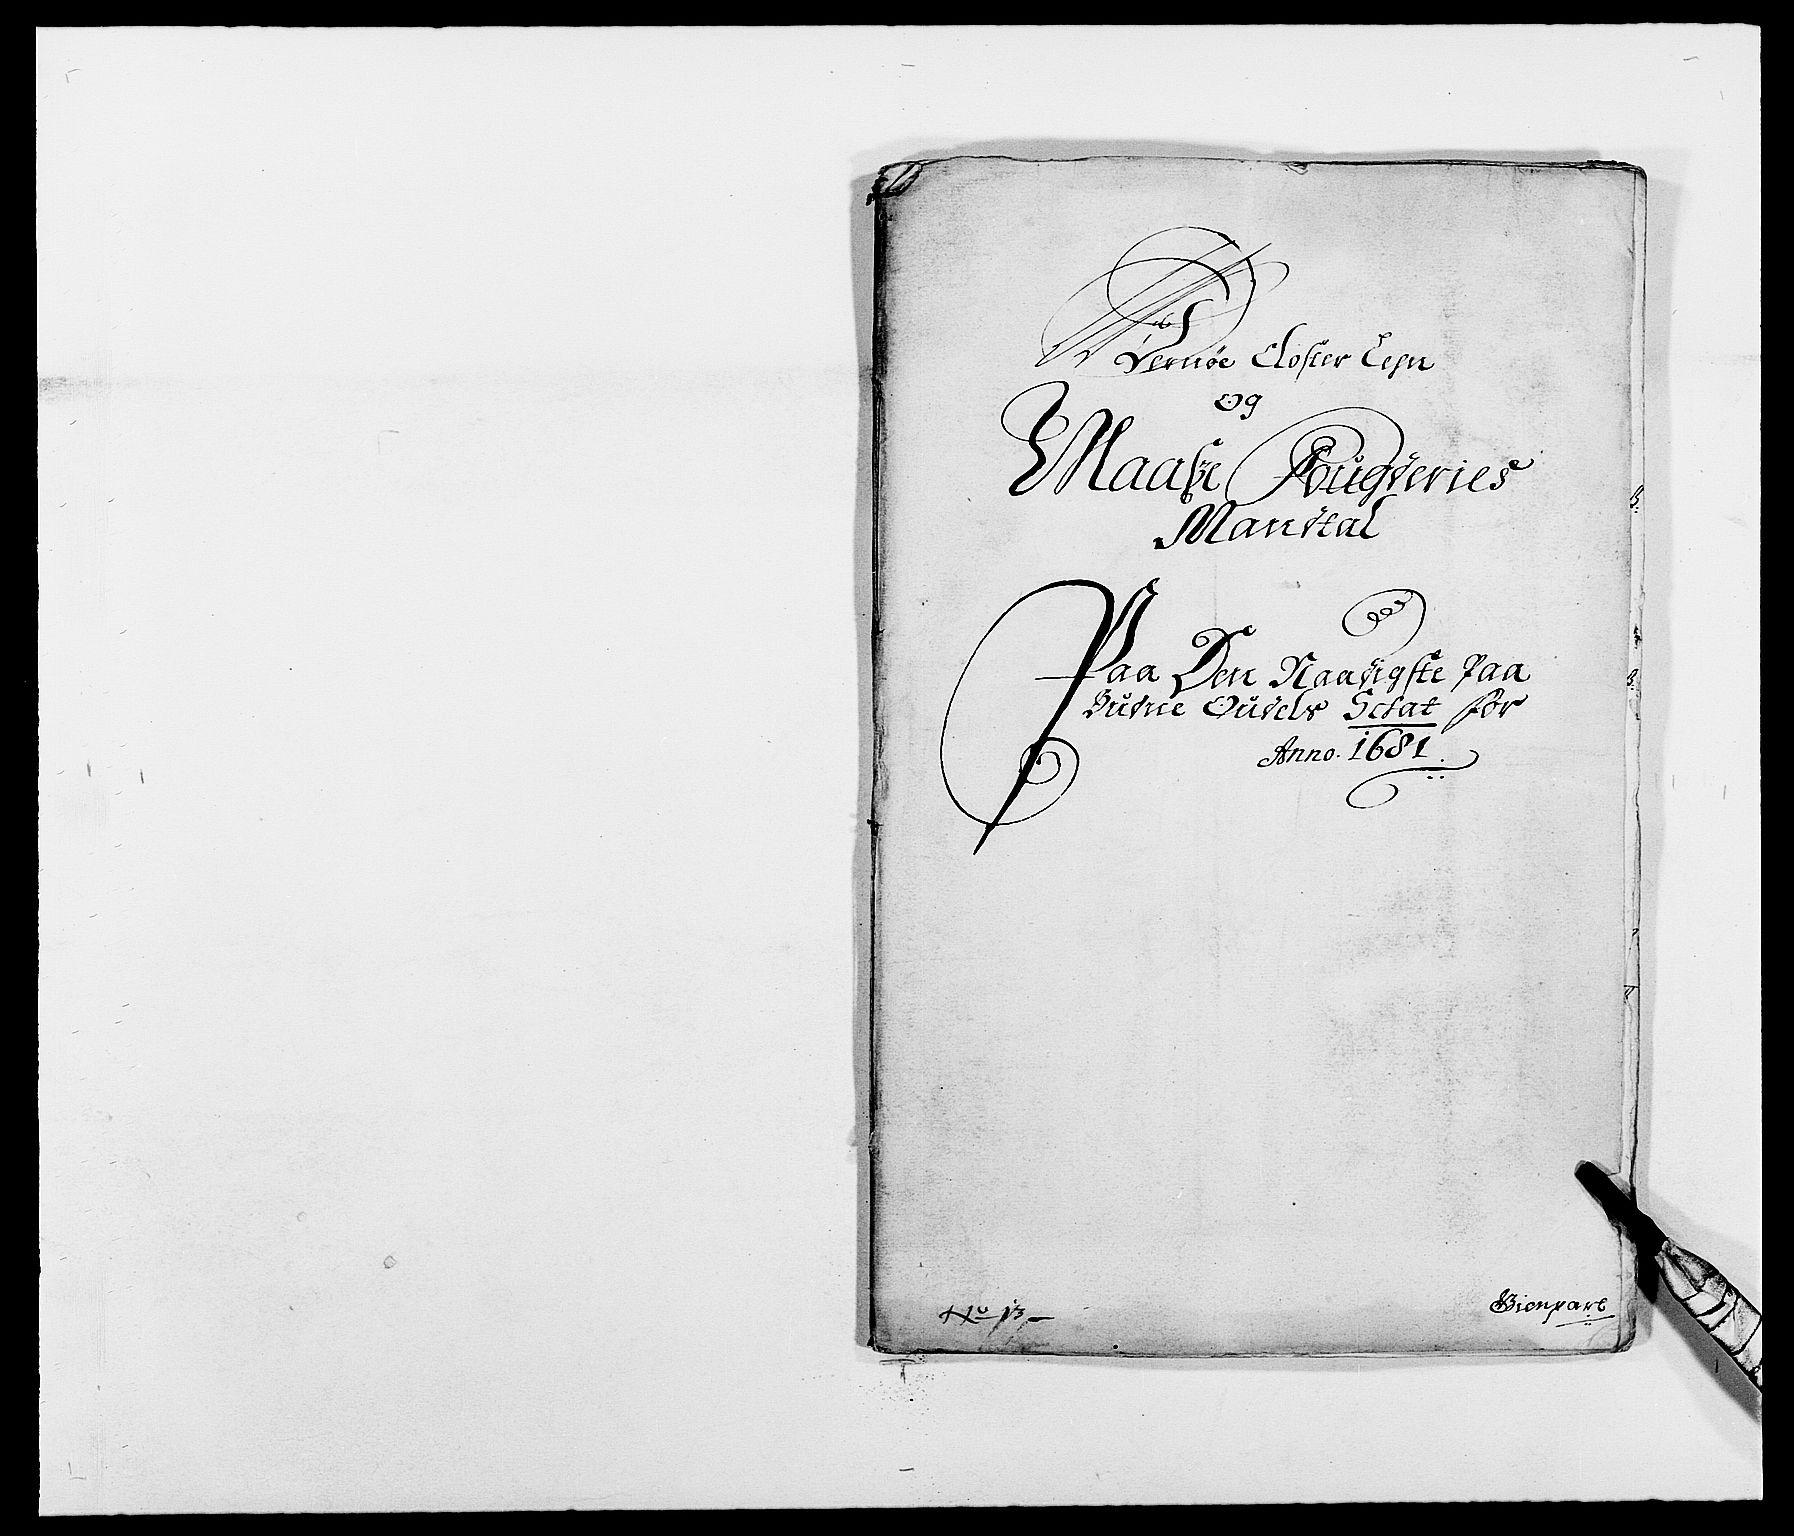 RA, Rentekammeret inntil 1814, Reviderte regnskaper, Fogderegnskap, R02/L0102: Fogderegnskap Moss og Verne kloster, 1675-1681, s. 274